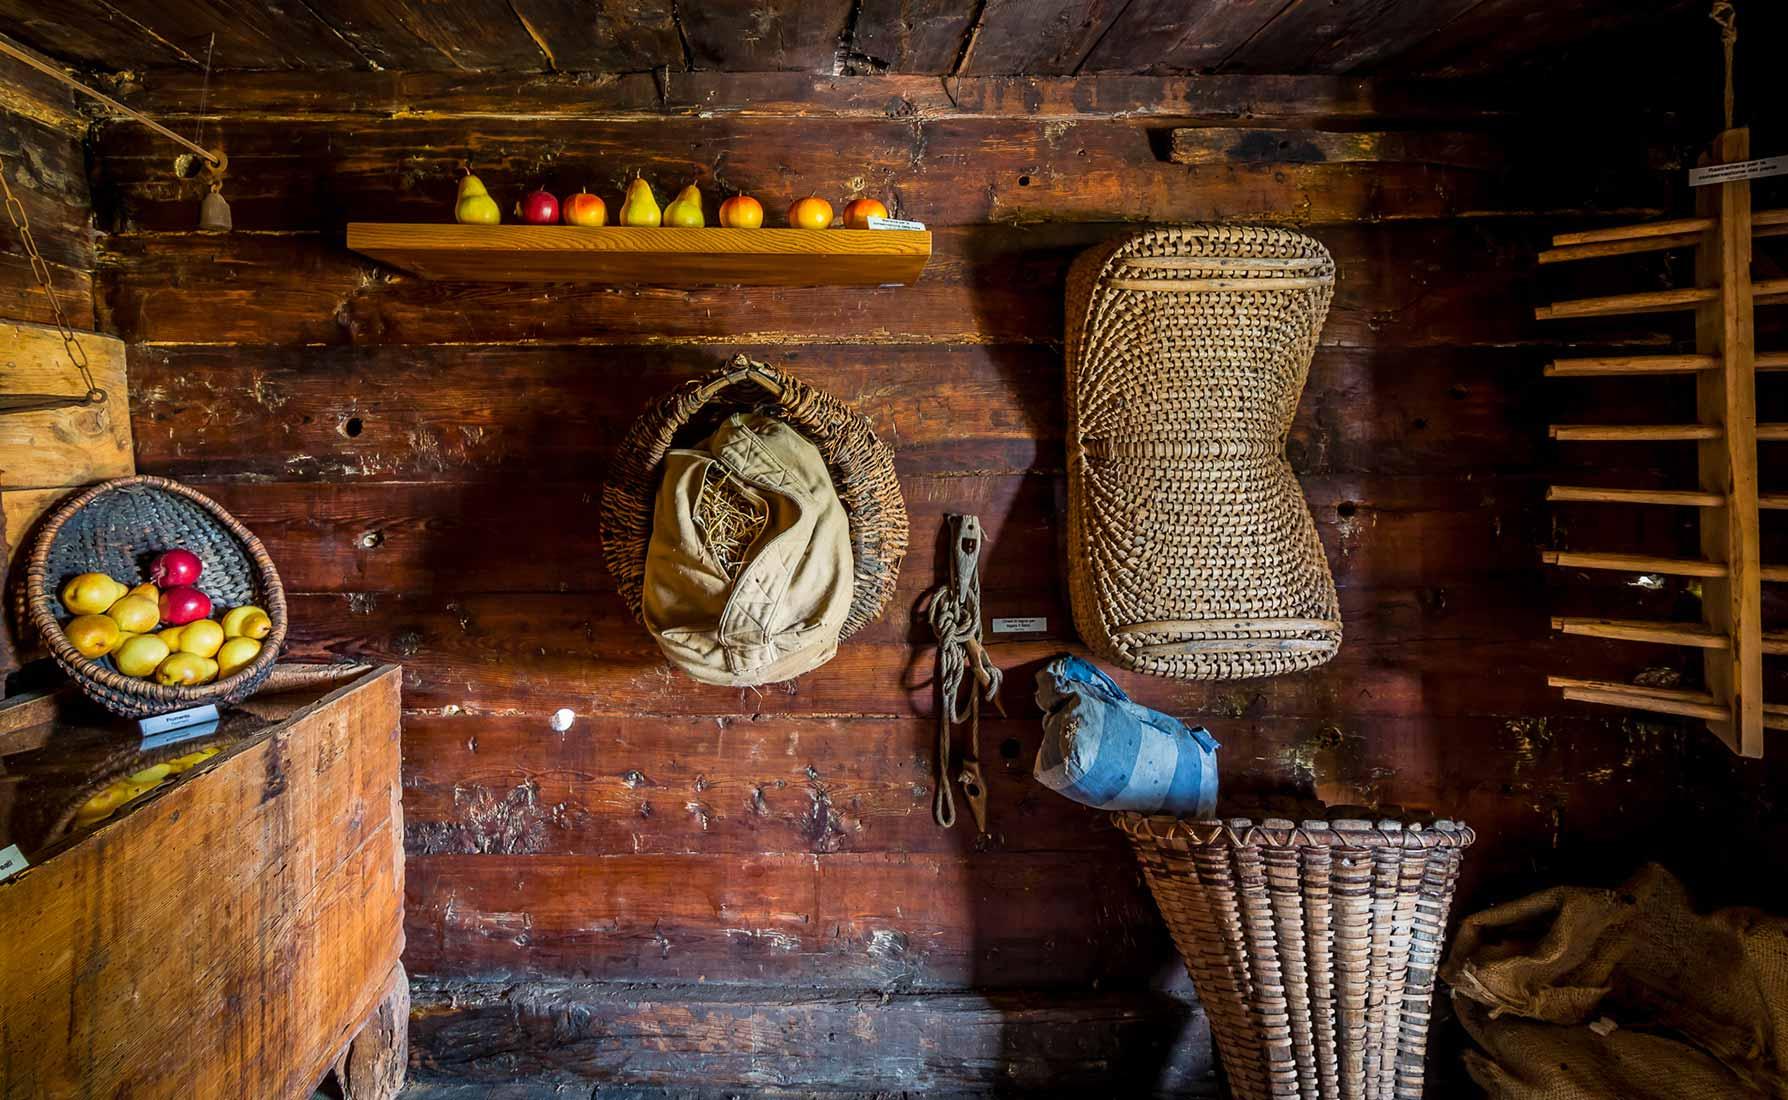 Una parte del granaio. A destra la rastrelliera per la conservazione del pane.